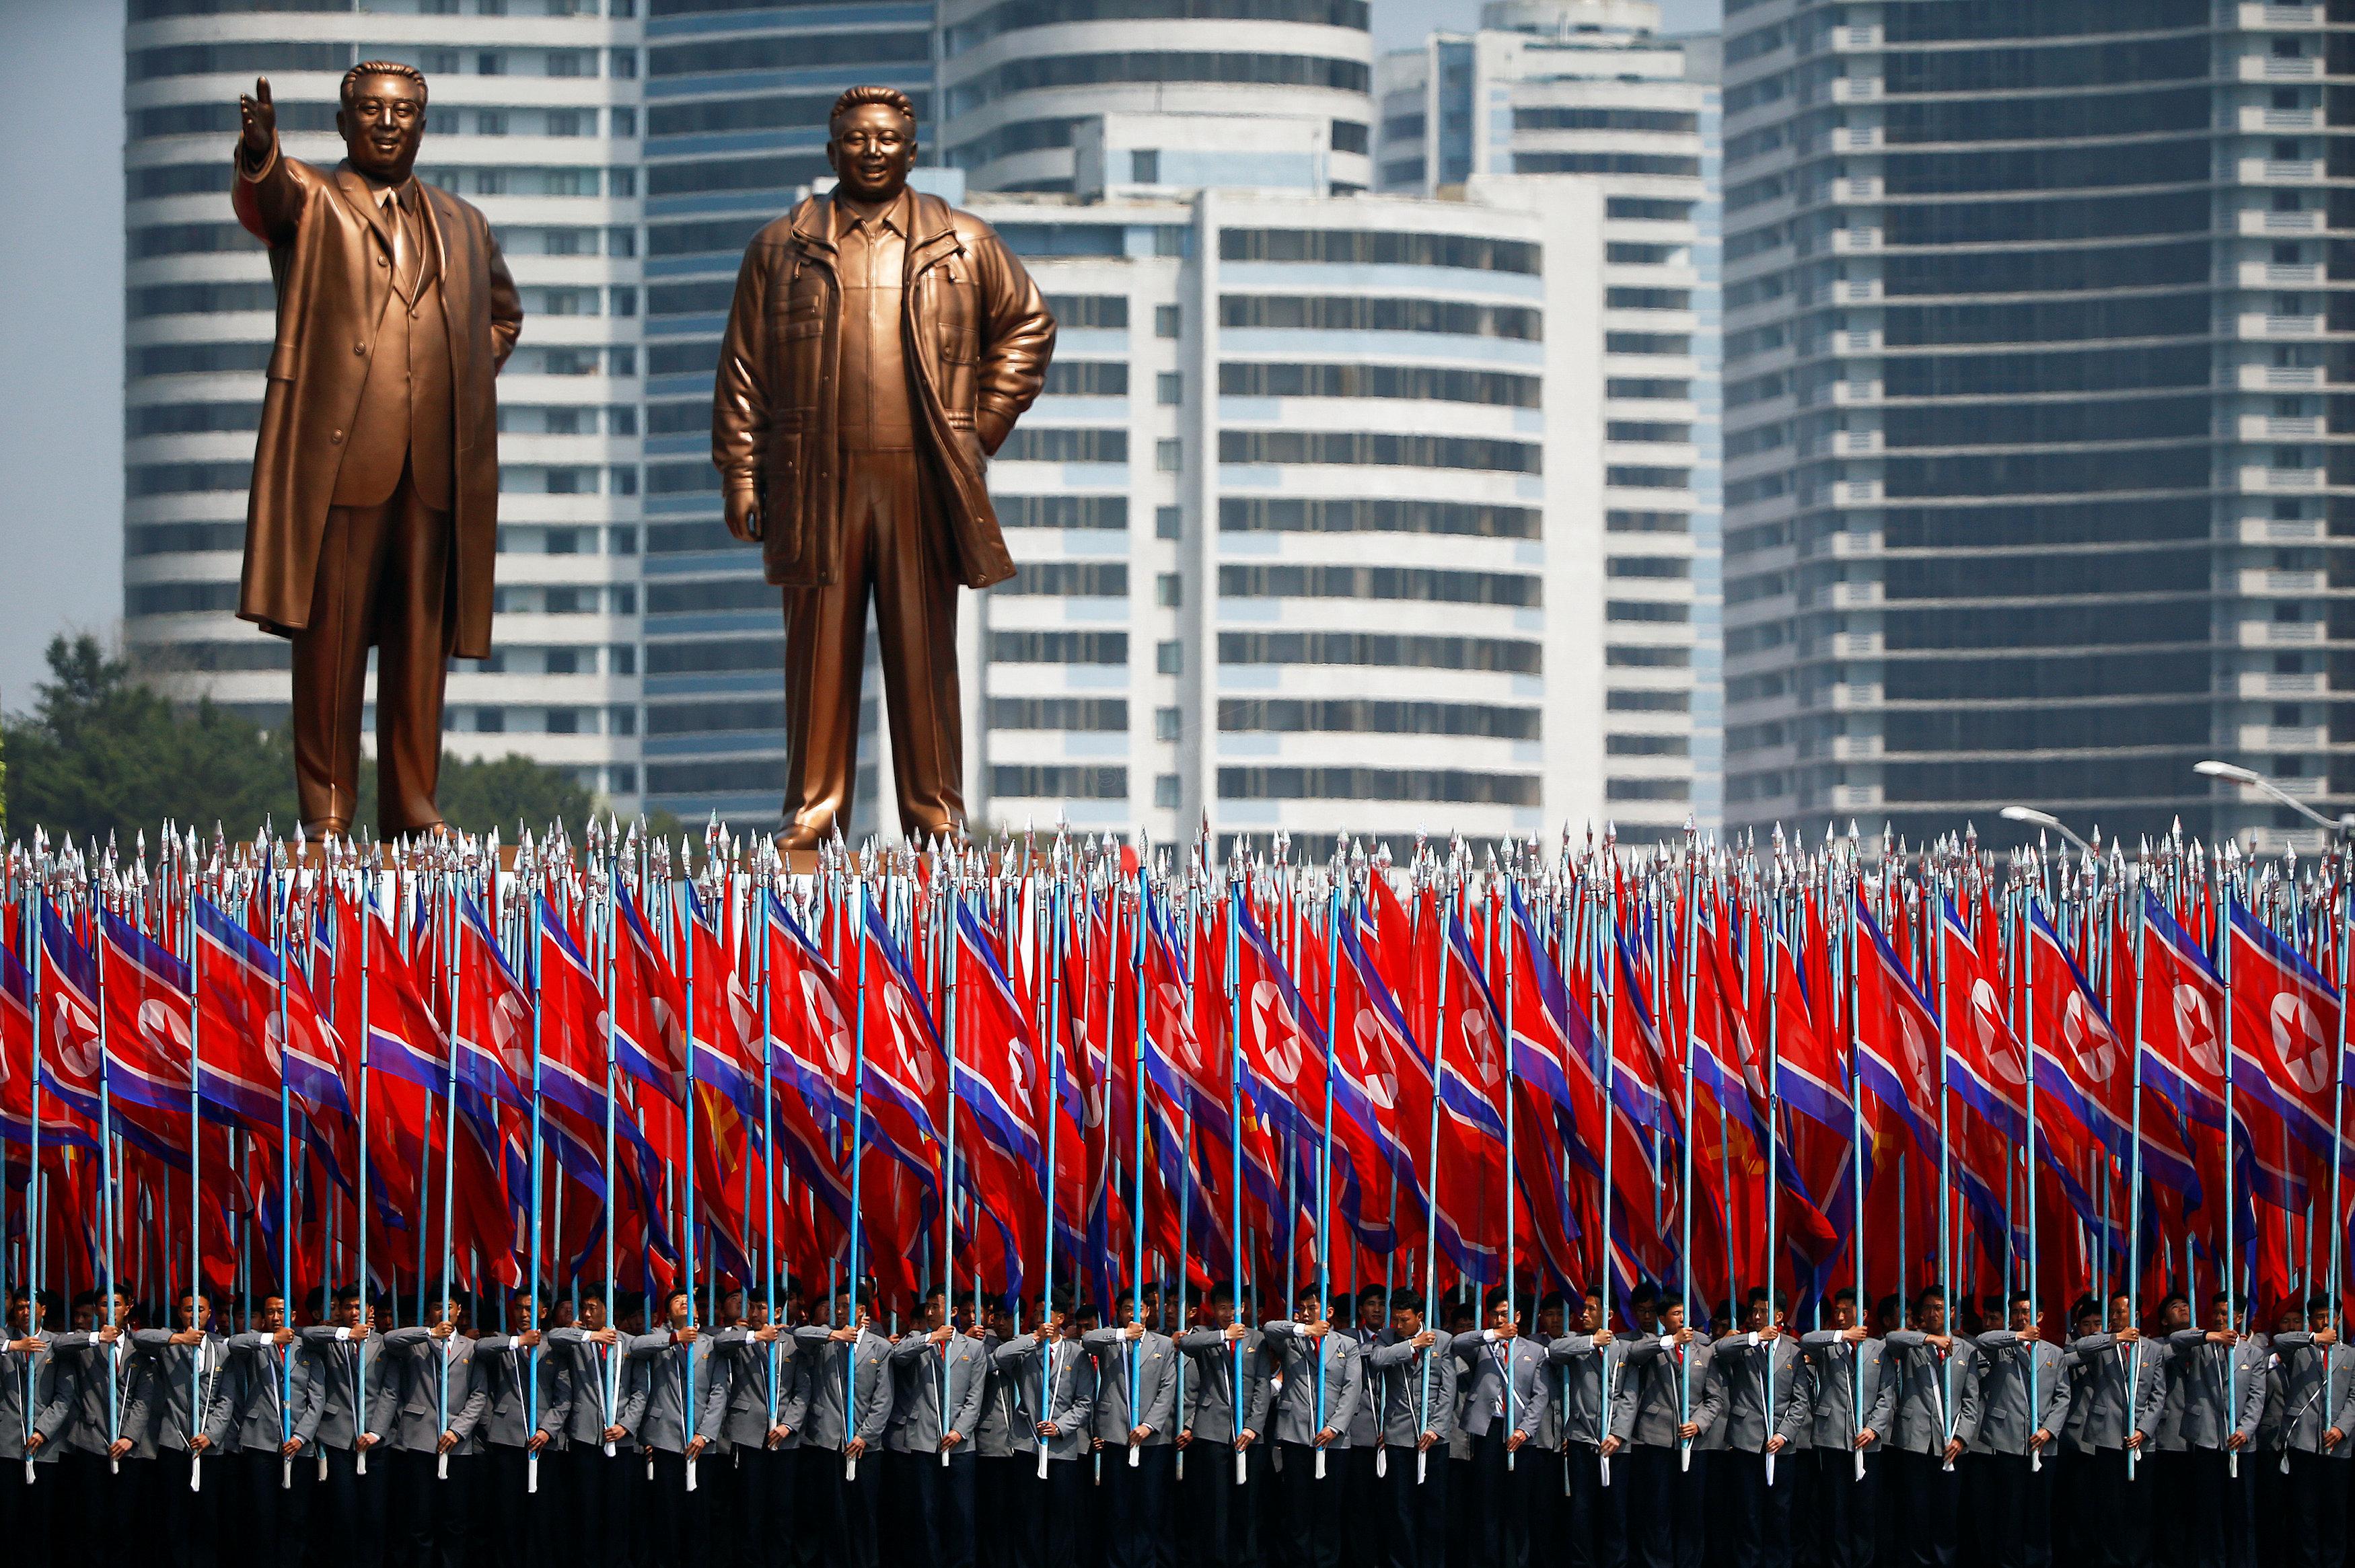 Parade militaire en Corée du Nord